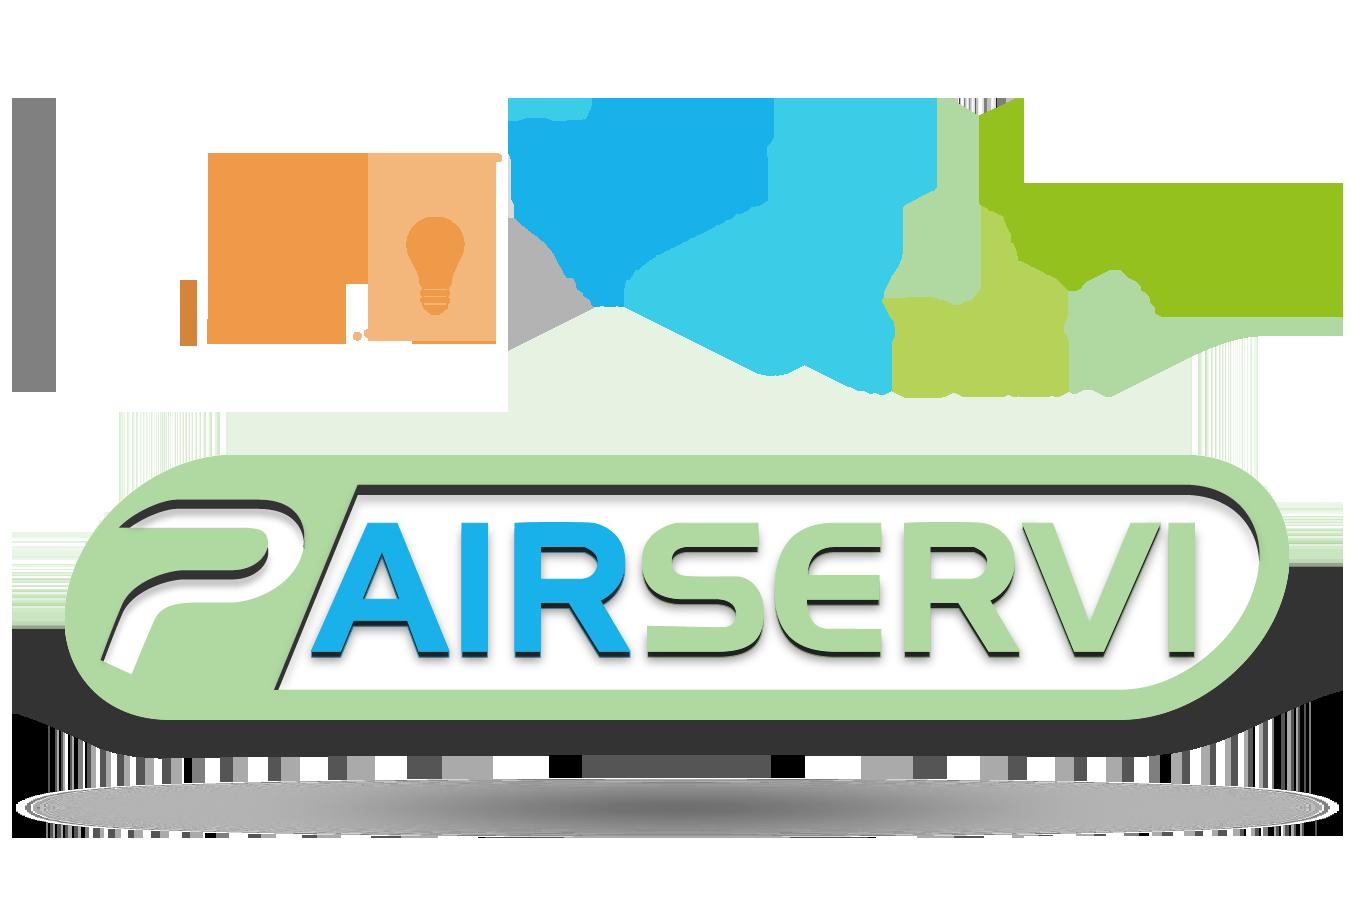 Logo Pairservi